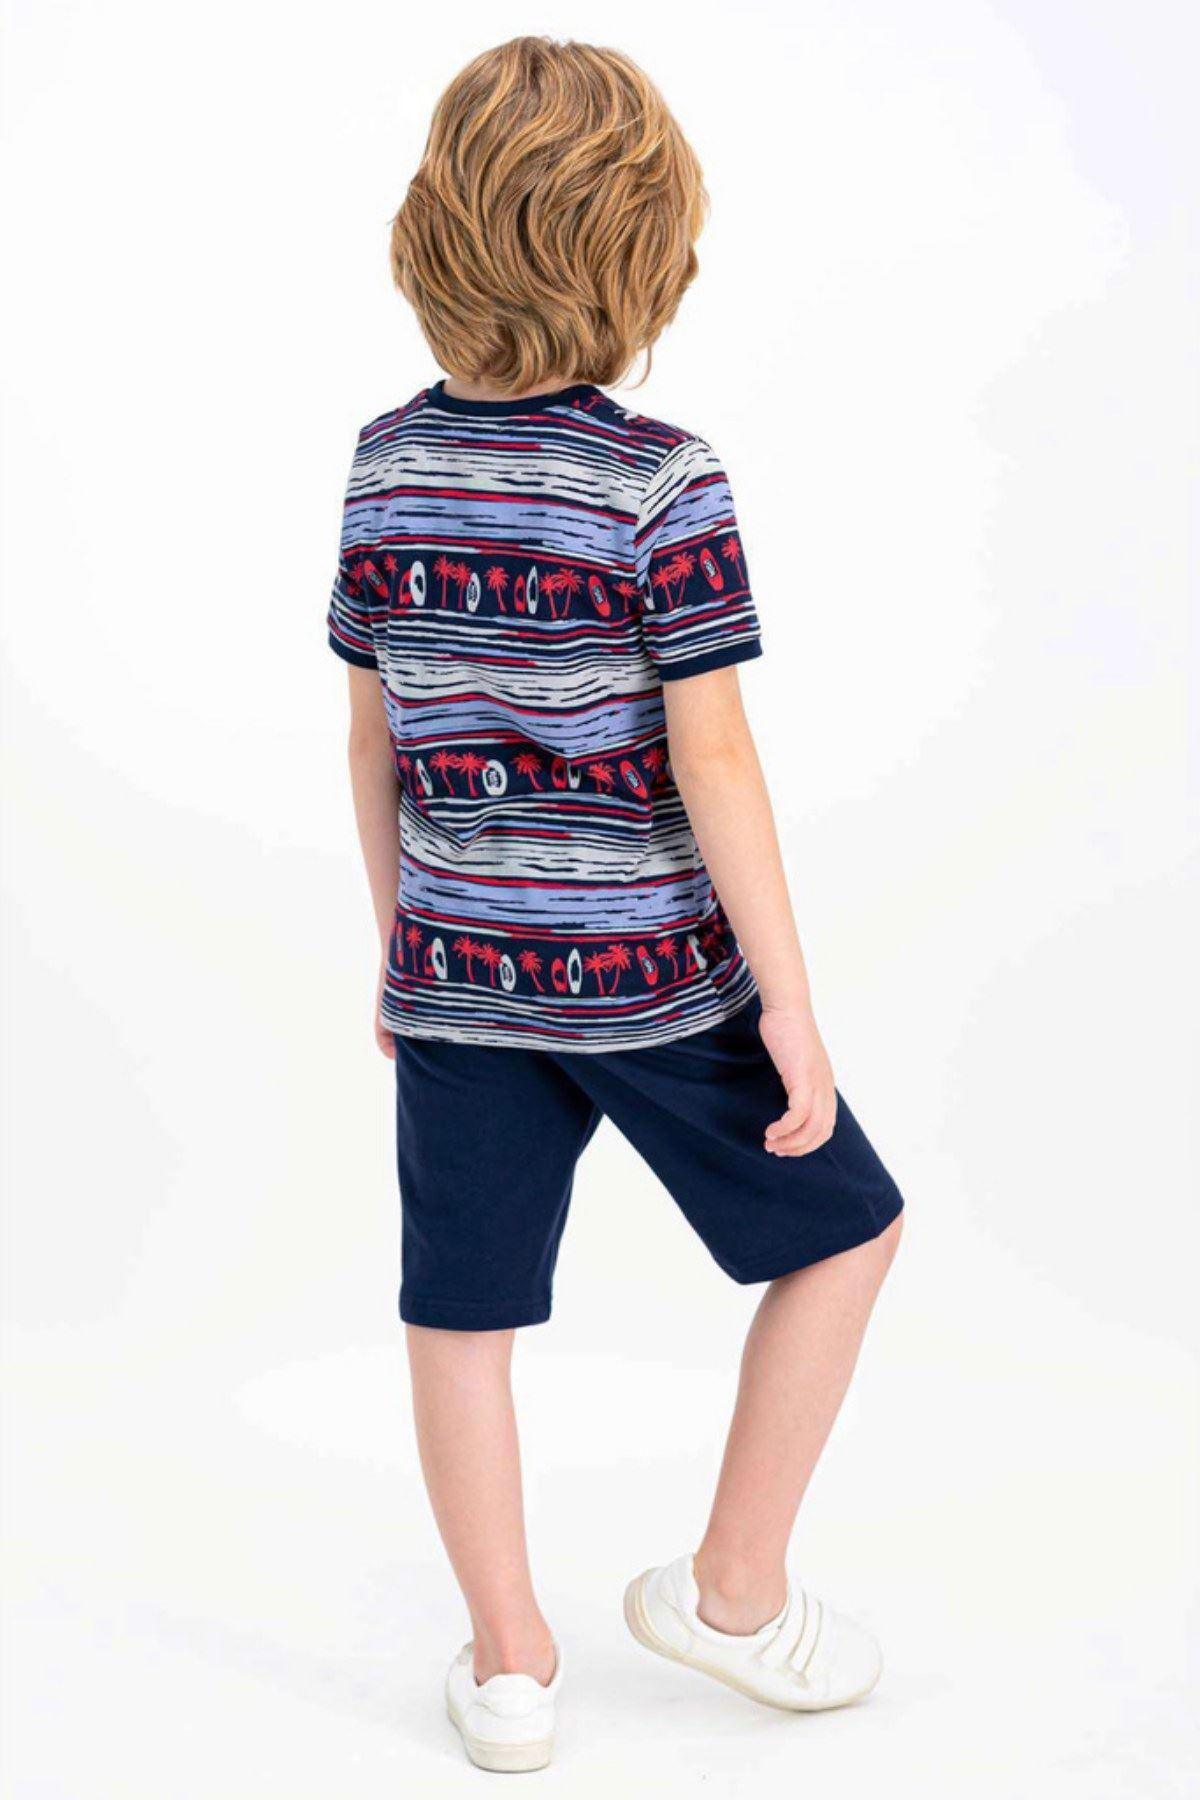 8-14 Yaş Us Polo ASSN Lisanslı Şerit Palm Laci Erkek Çocuk Takım